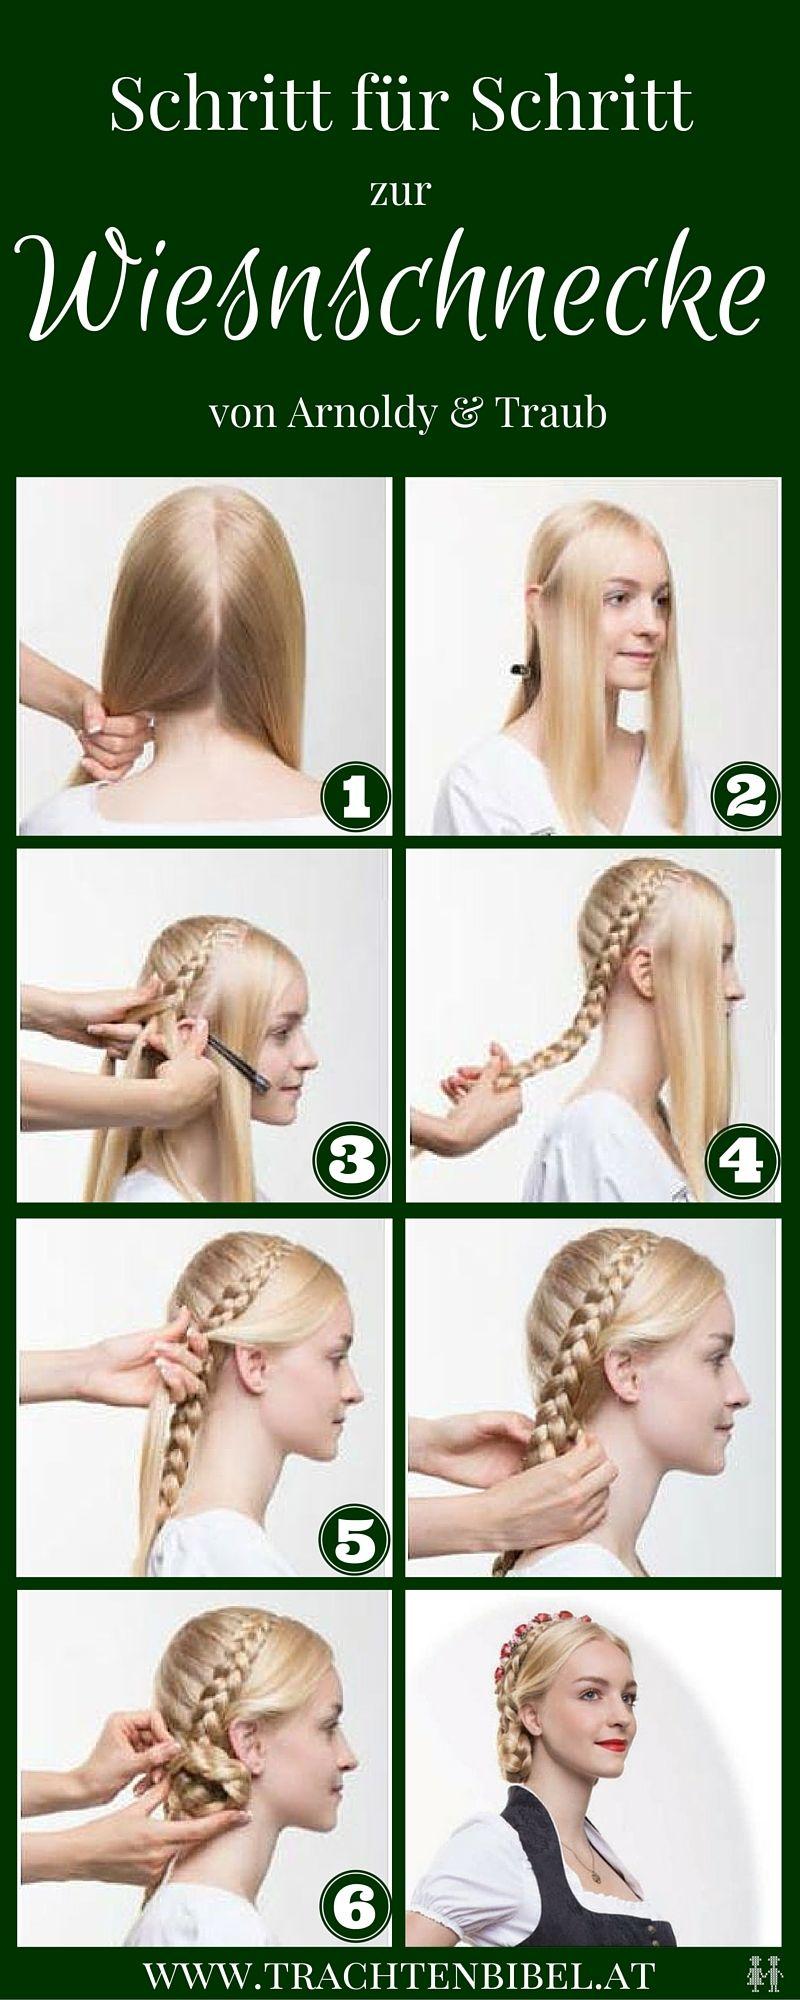 Dirndlfrisur In 6 Schritten Zur Wiesnschnecke Hair Lots Of